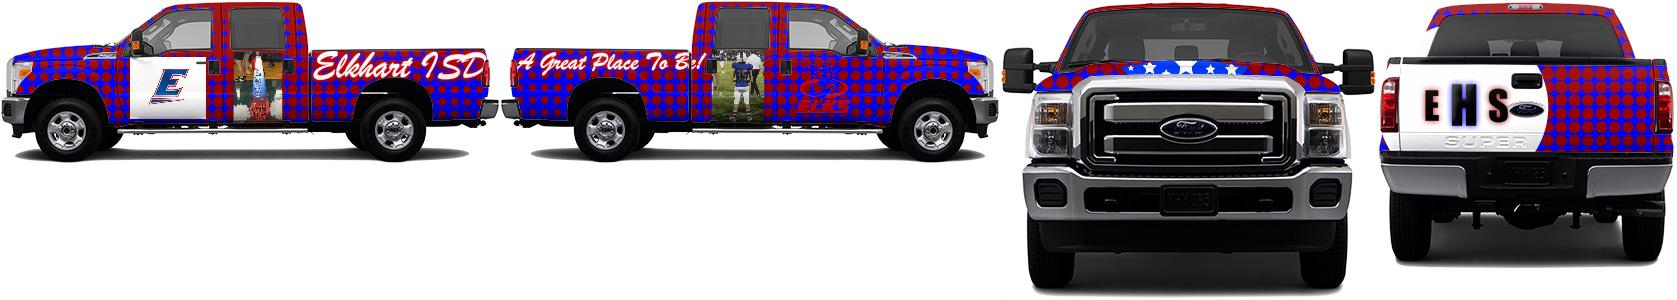 Truck Wrap #49366